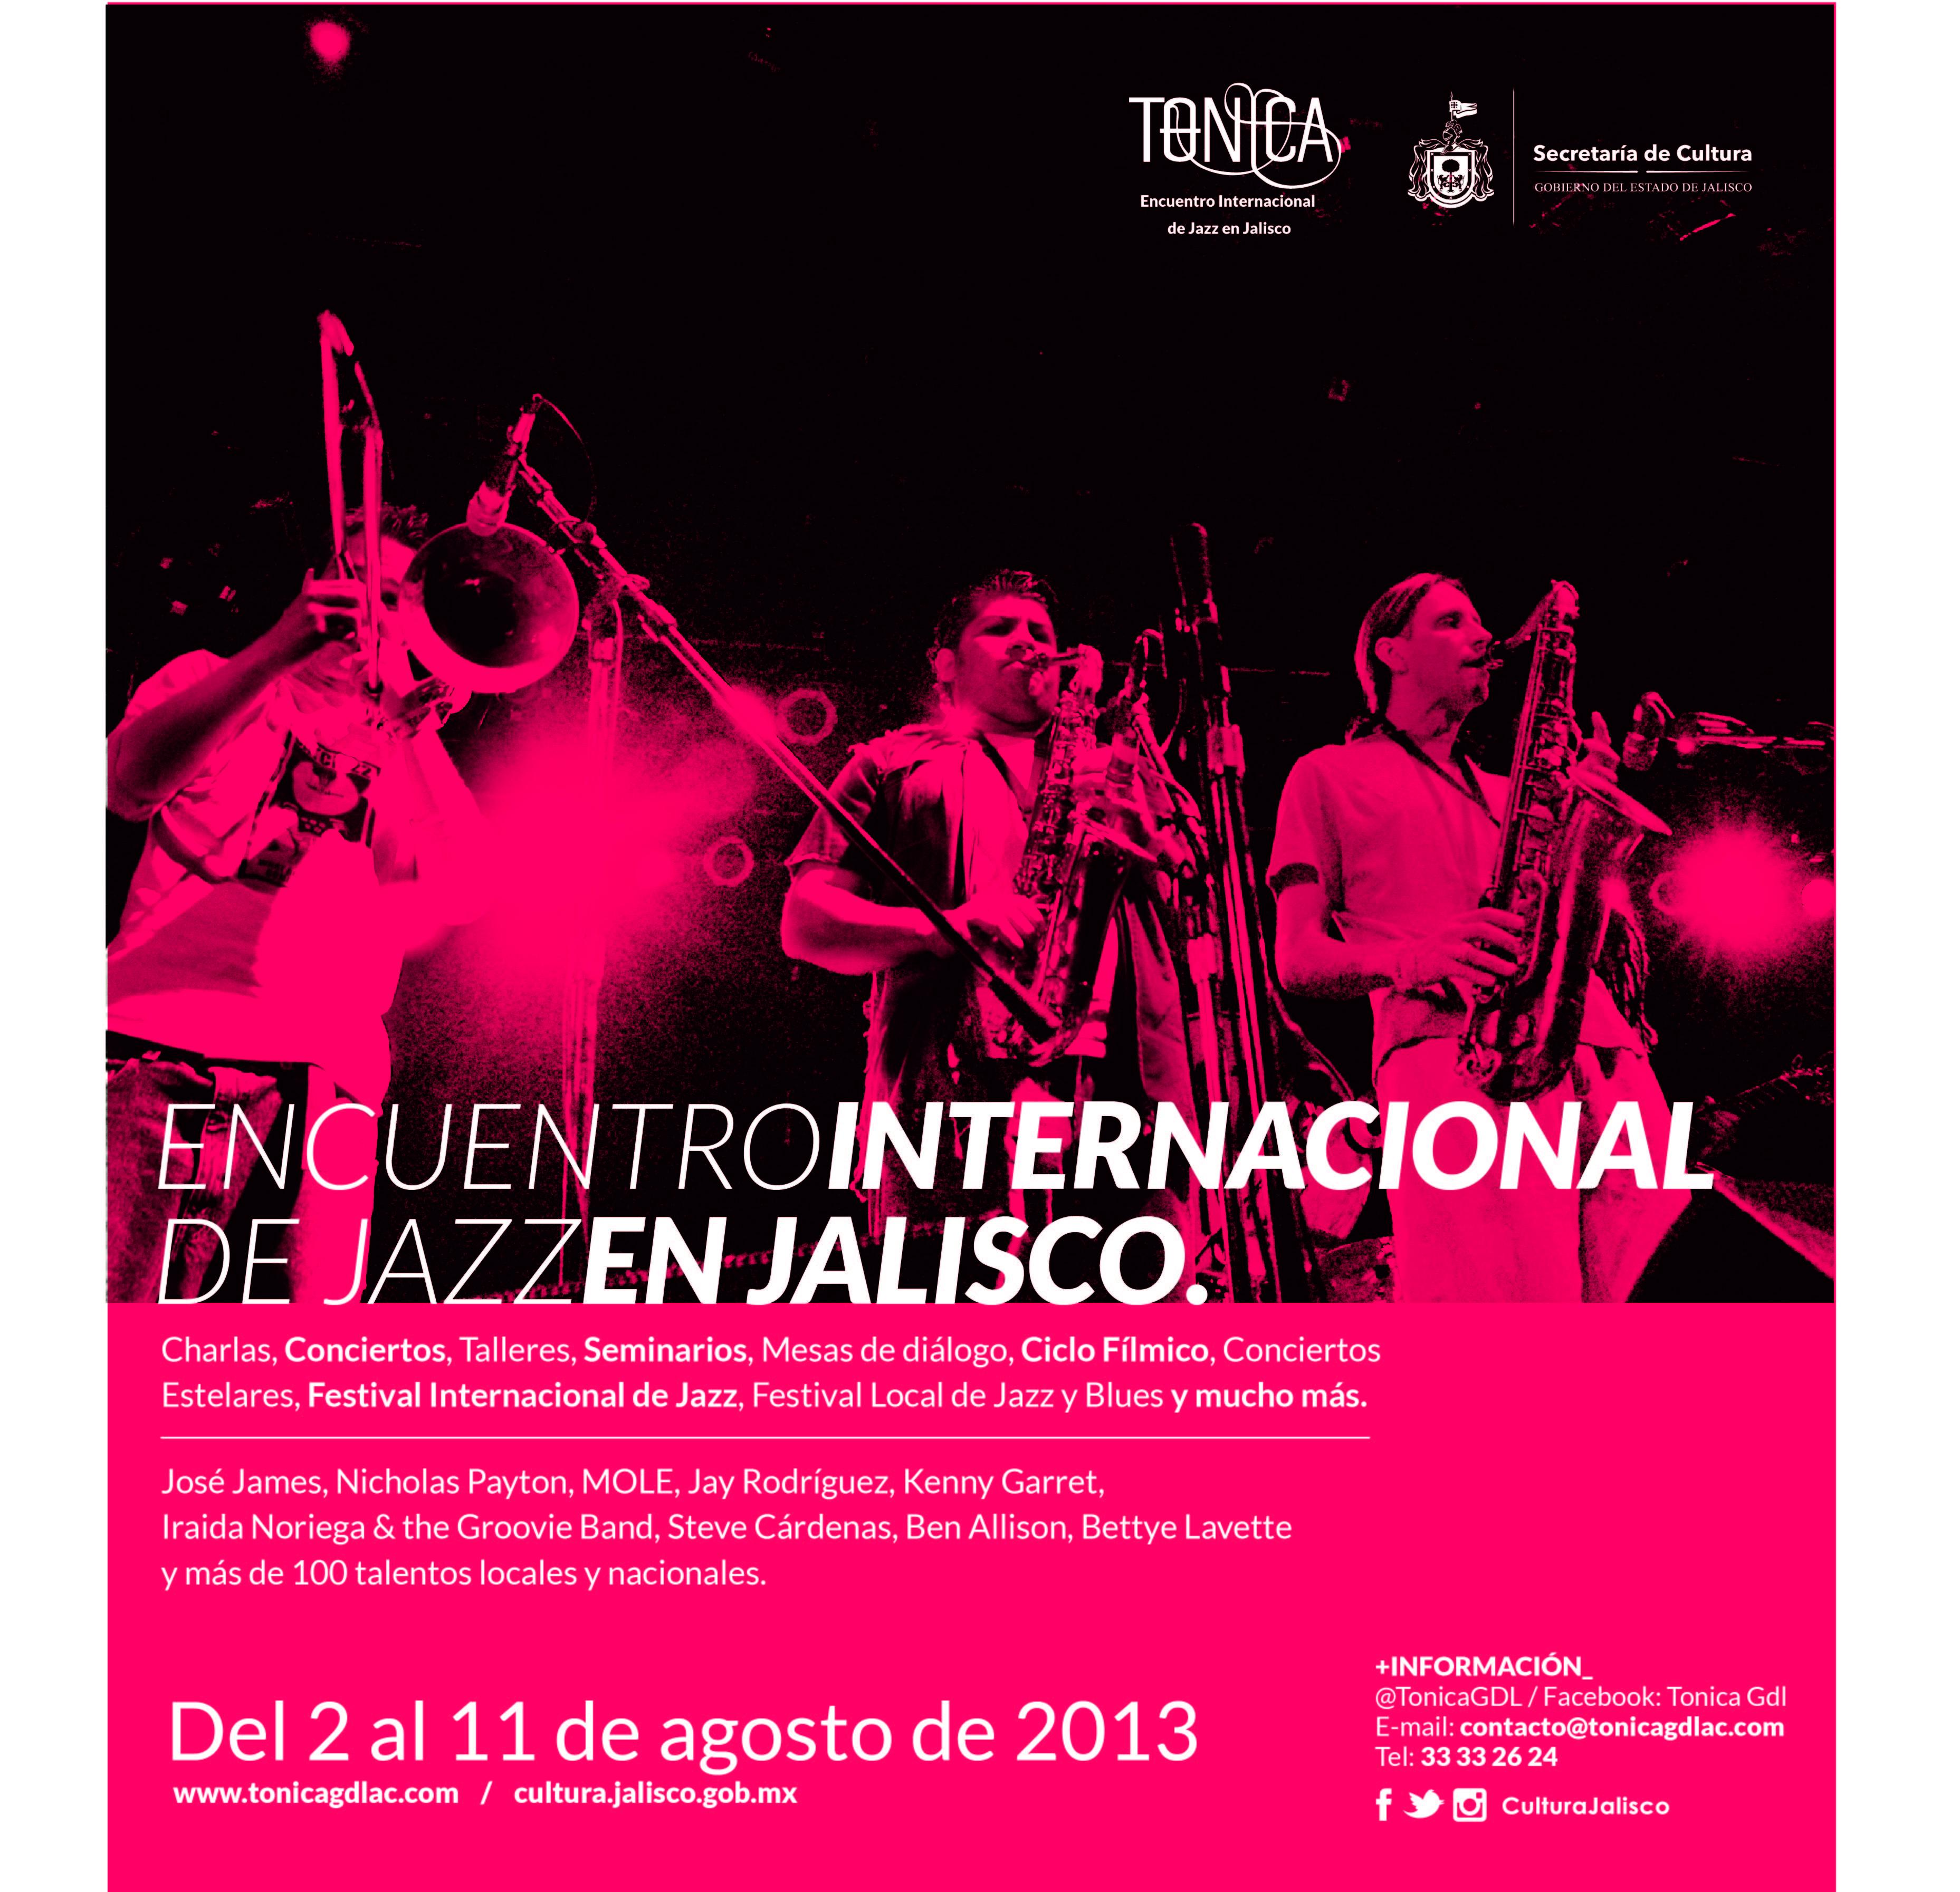 Encuentro Internacional de Jazz en Jalisco